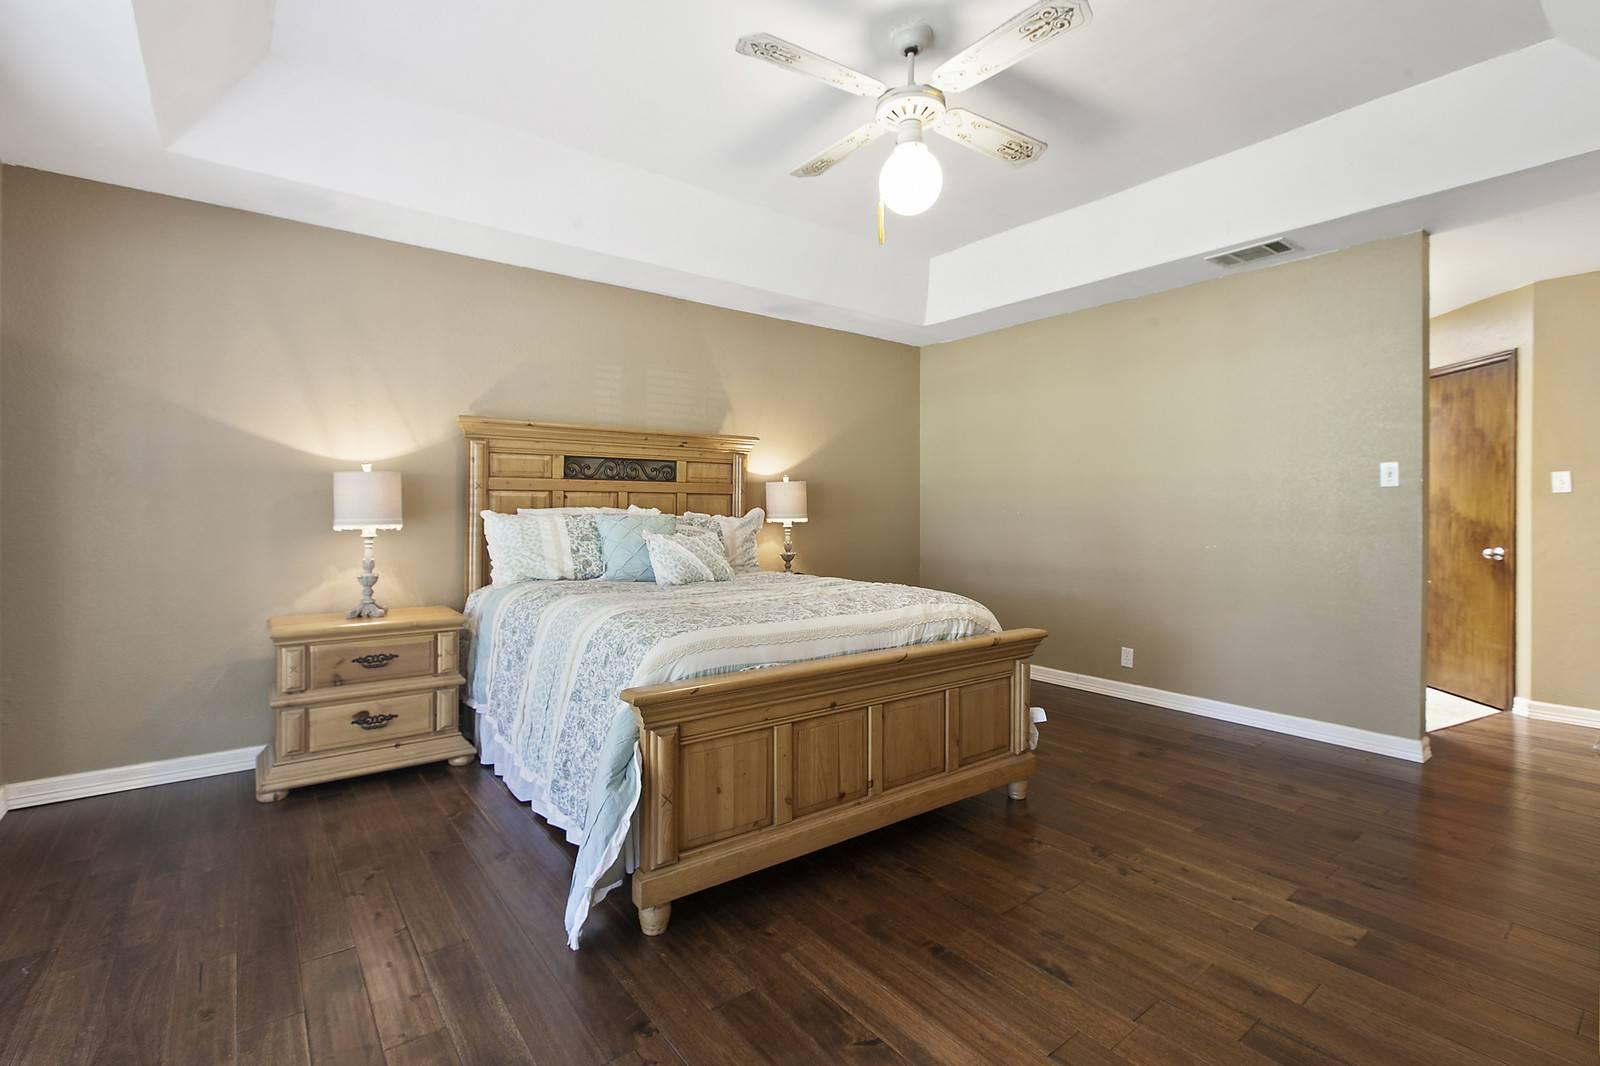 307 Fawnridge Street home on acreage